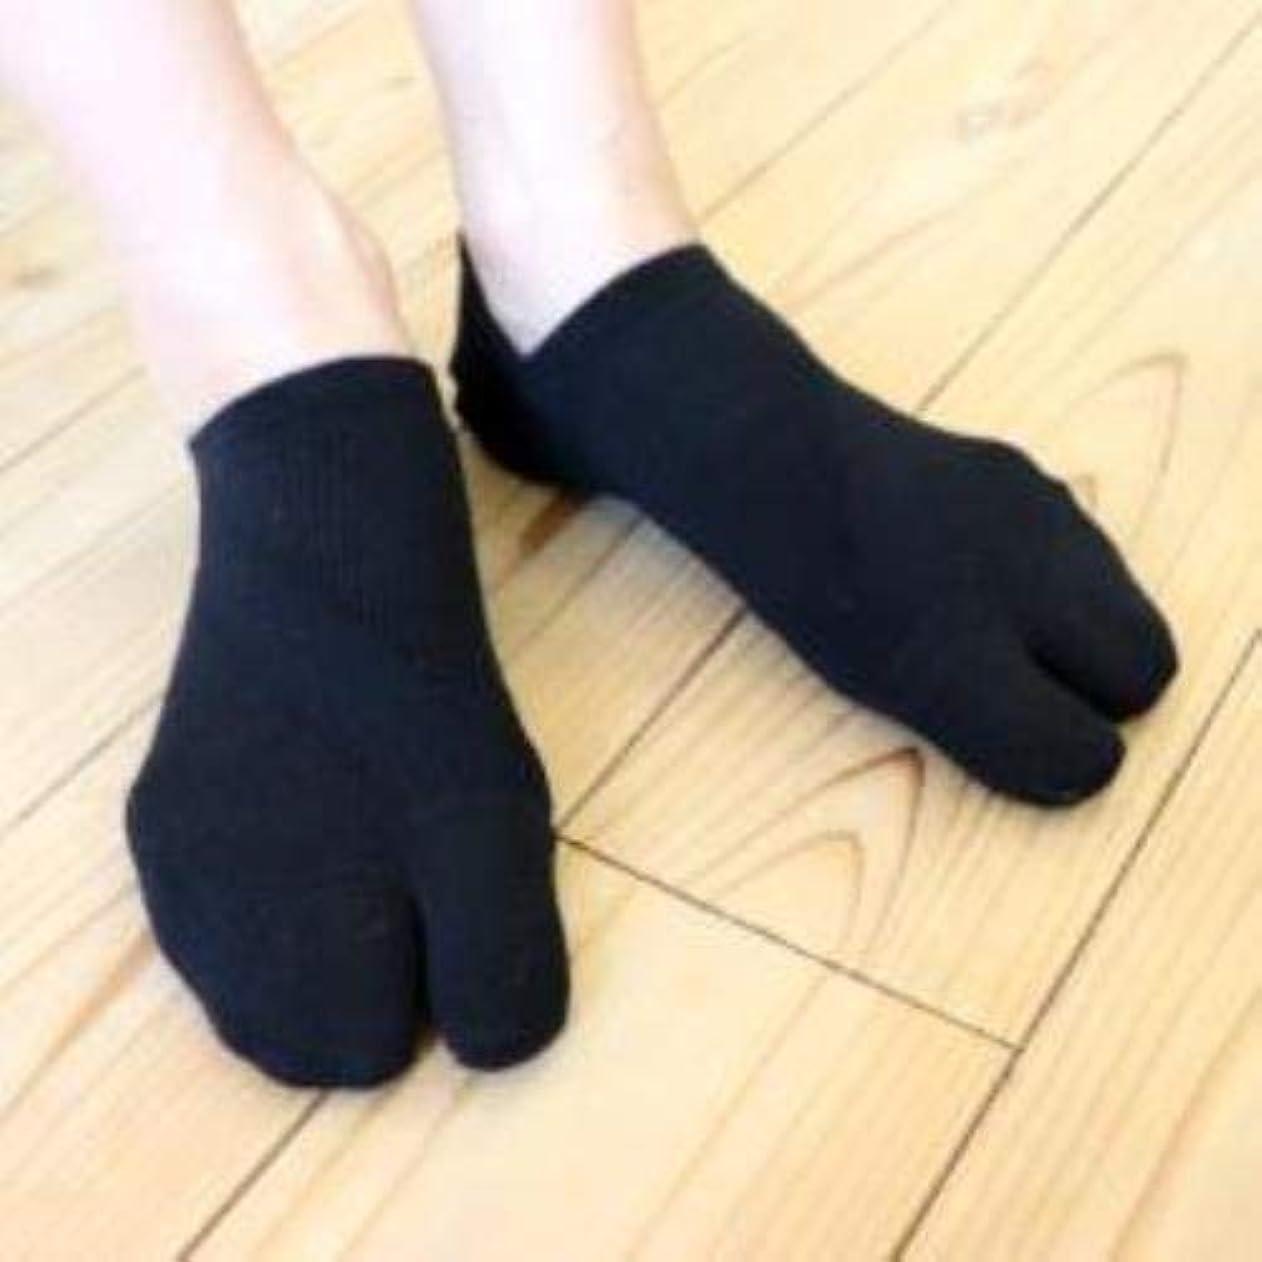 夜明けにタバコルームさとう式 フレクサーソックス スニーカータイプ 黒 (L) 足袋型